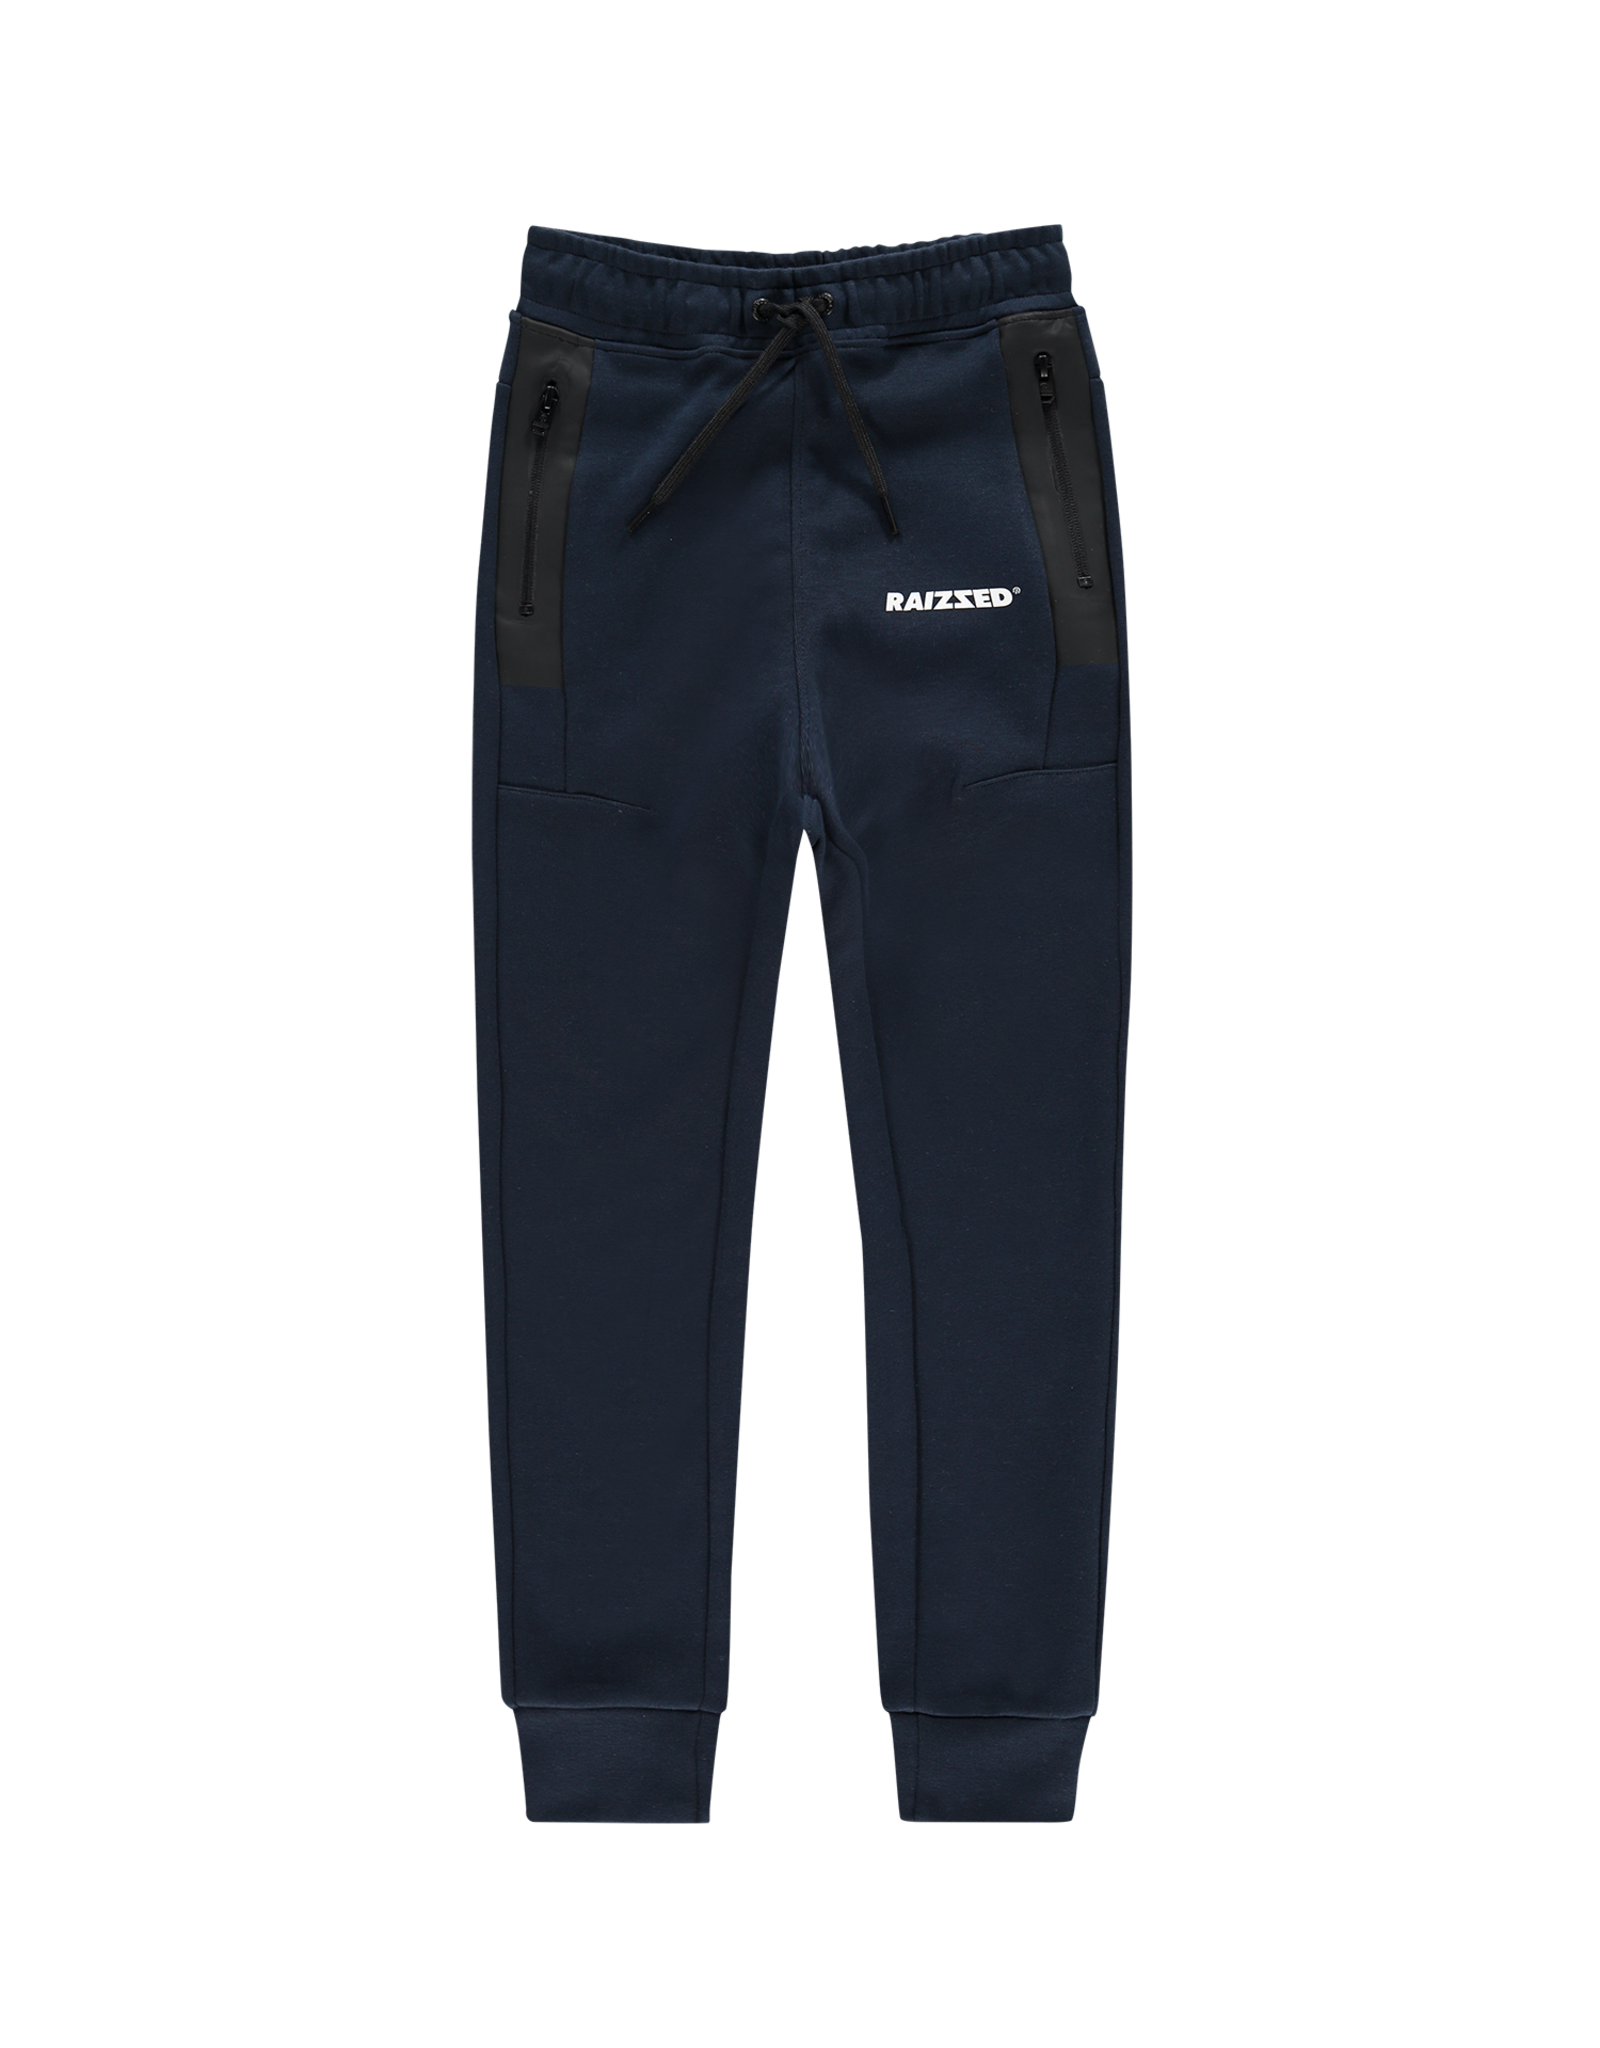 Raizzed Seattle Sweatpants